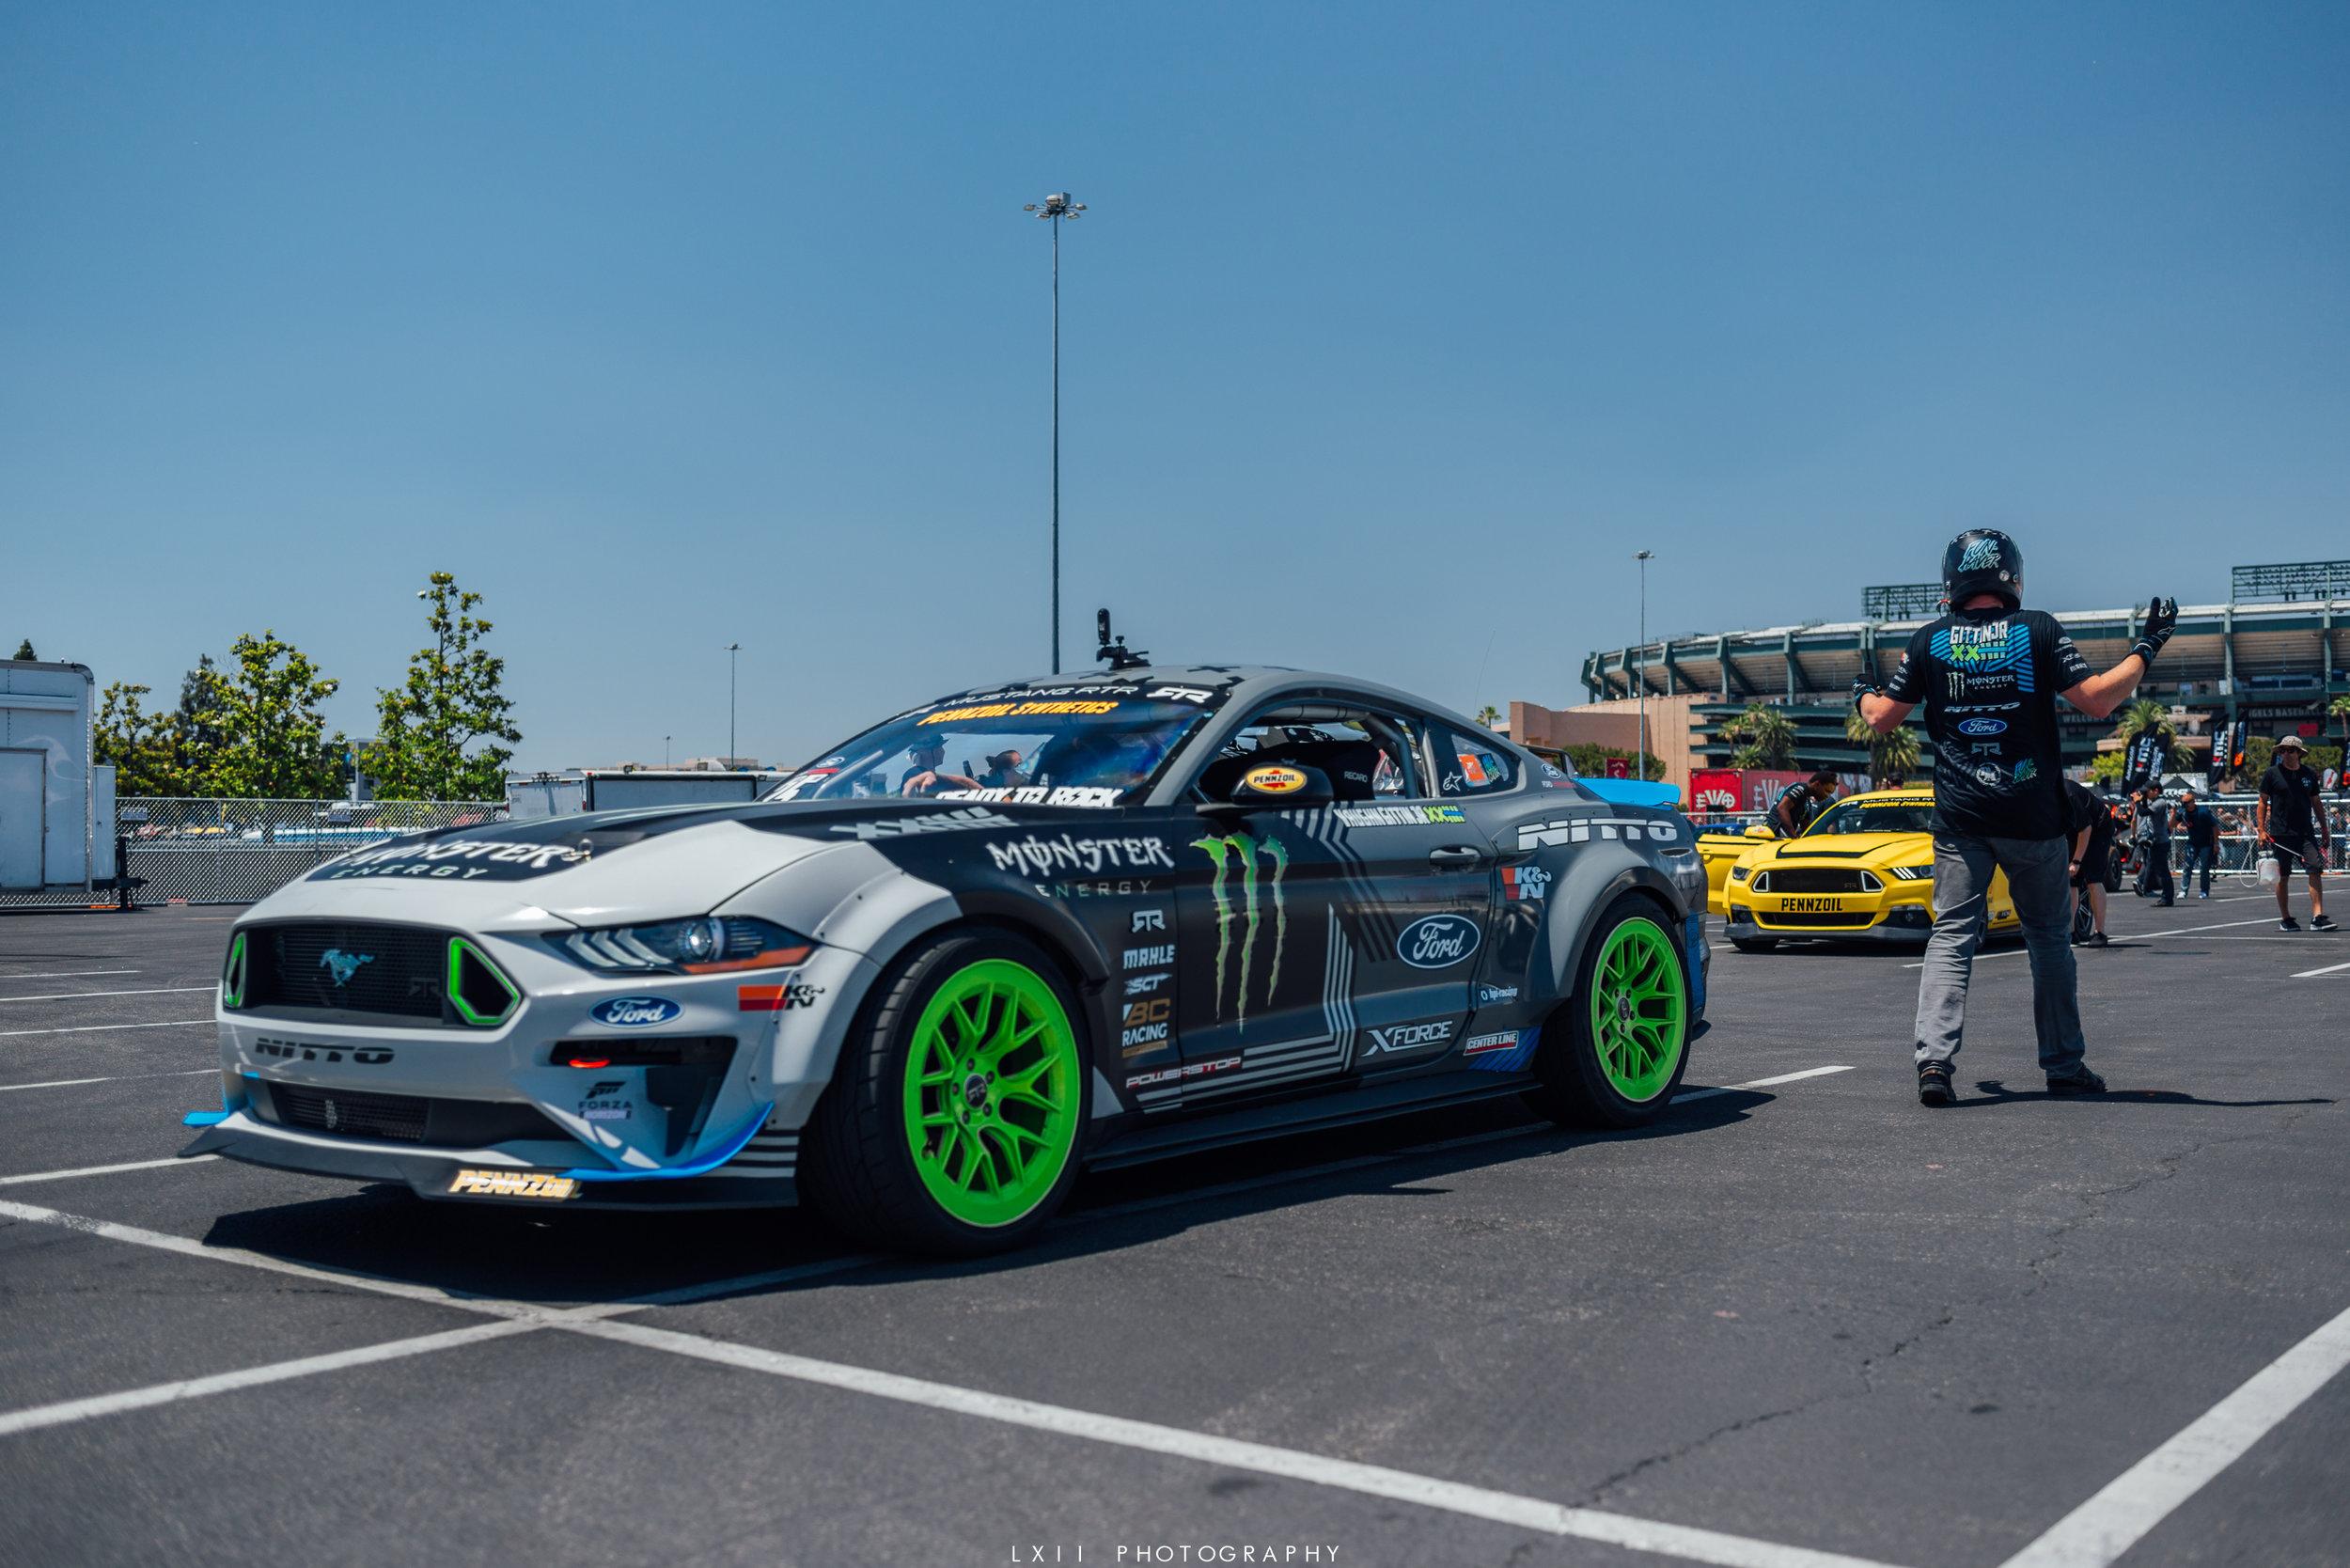 AED_Motorsport-25.jpg